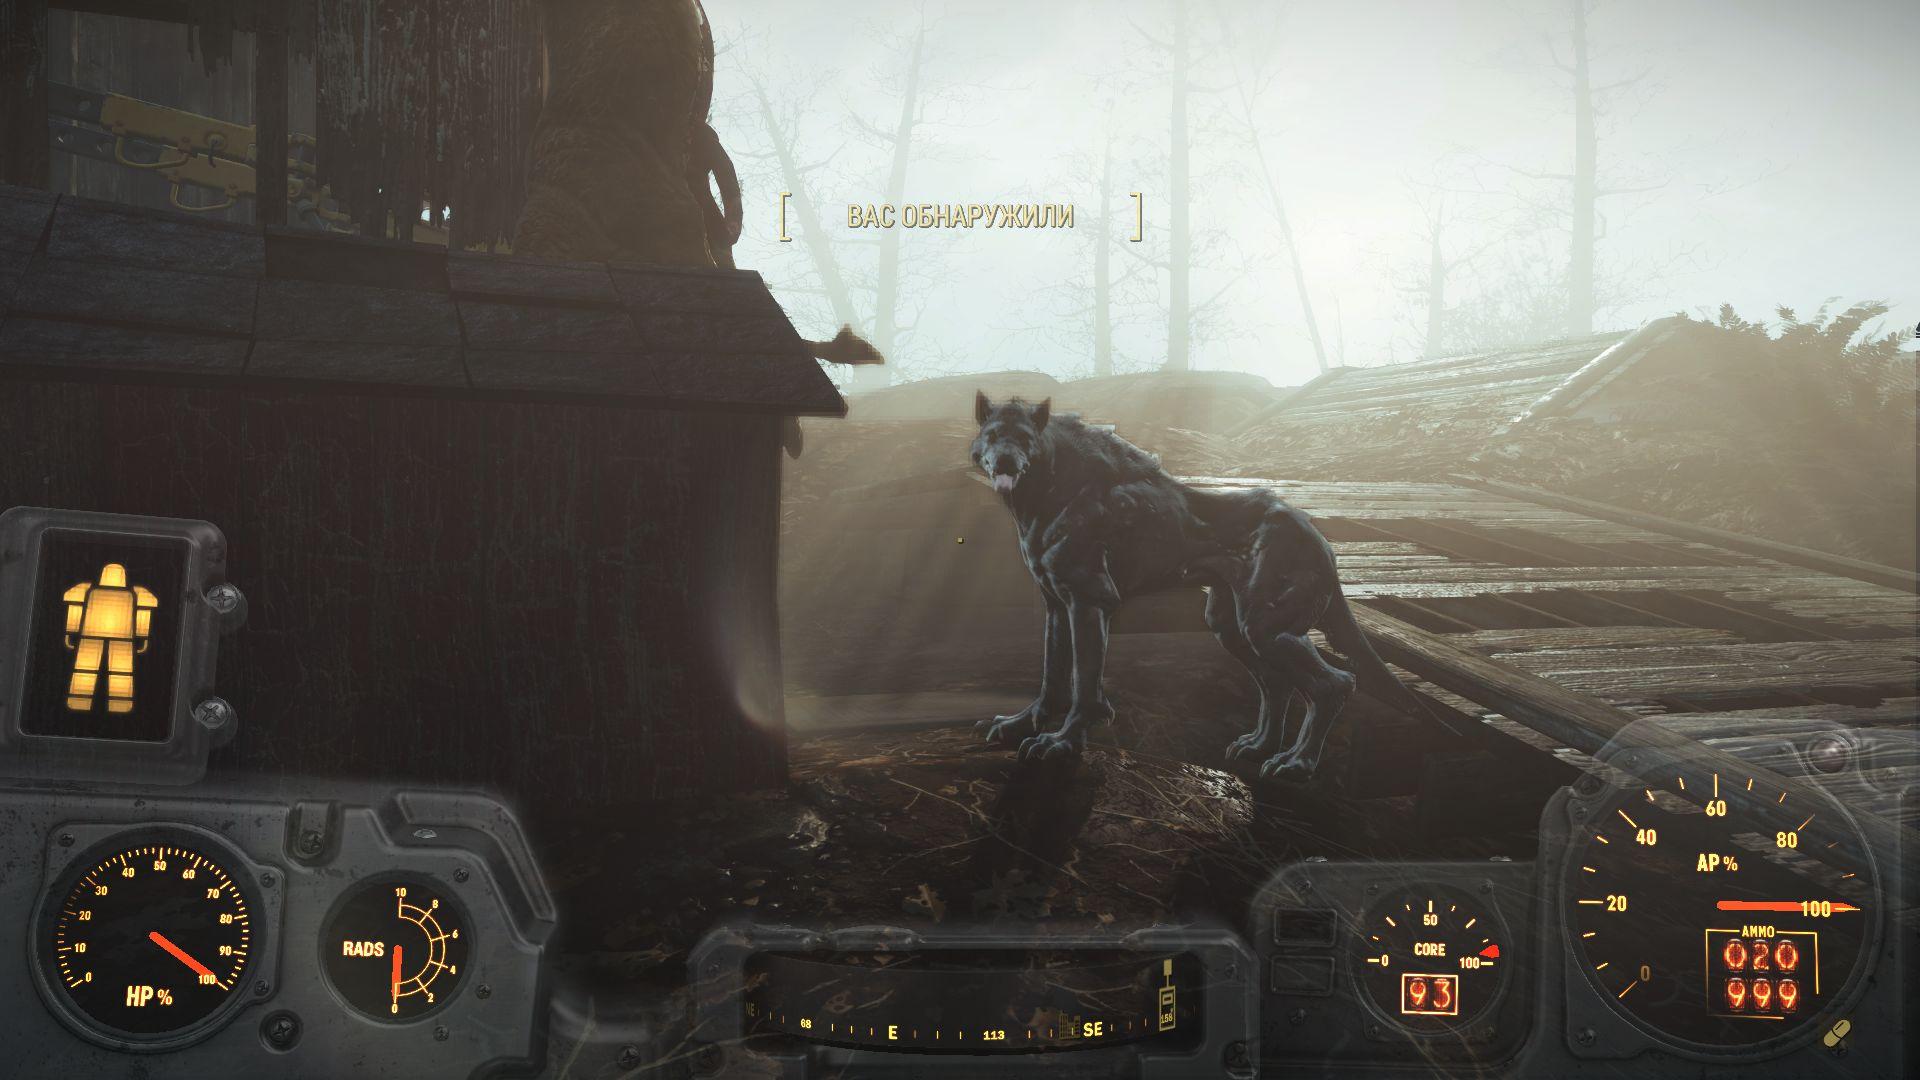 Волк Мишка: прошу любить и баловать :) - Fallout 4 волк, поселение, Хижина Лонгфелло